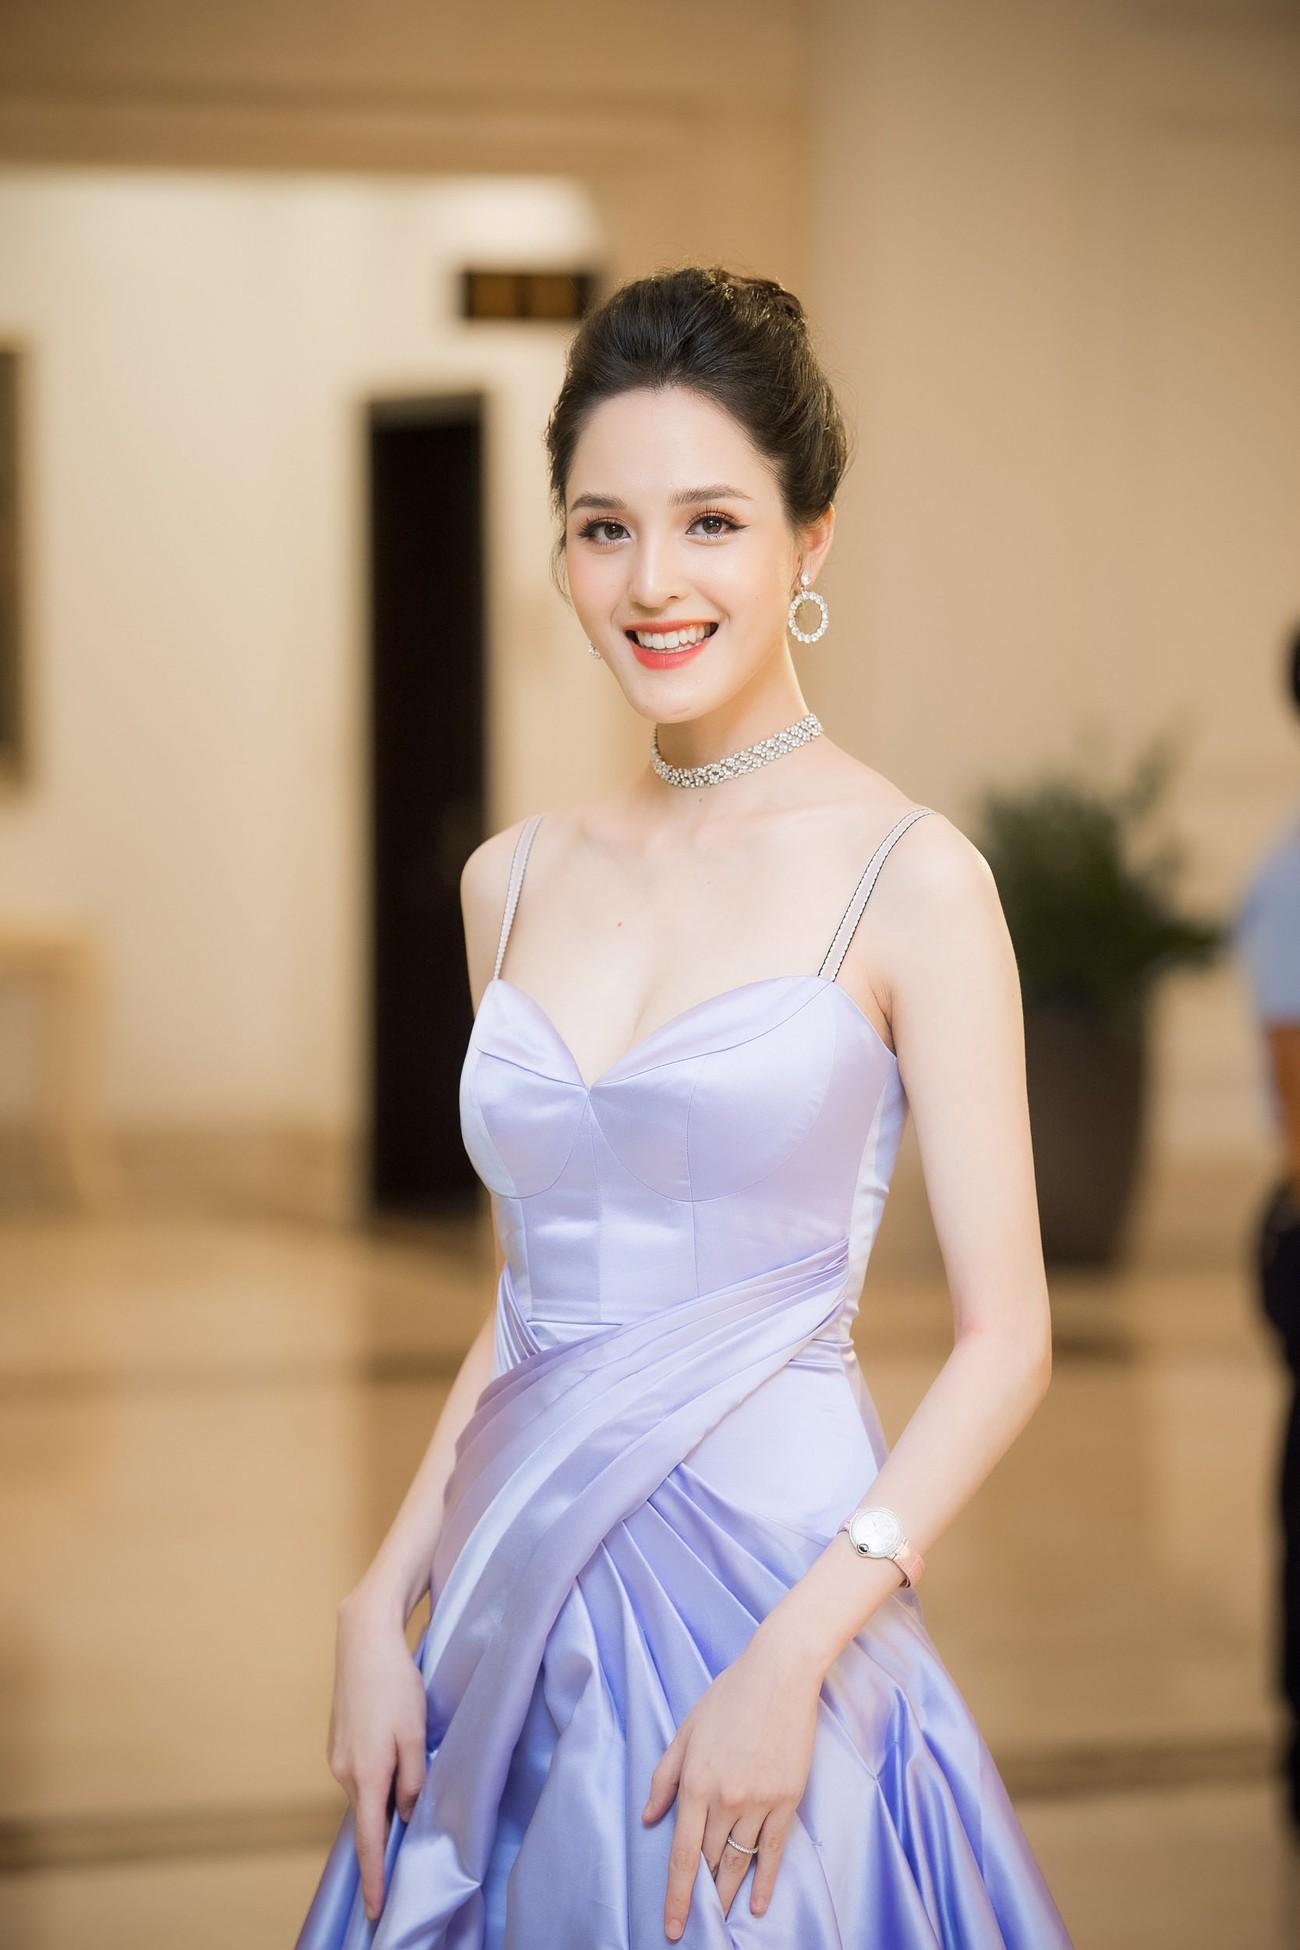 Hoa hậu Thu Thuỷ tái xuất, hội ngộ cùng dàn Hoa, Á hậu đình đám ảnh 4